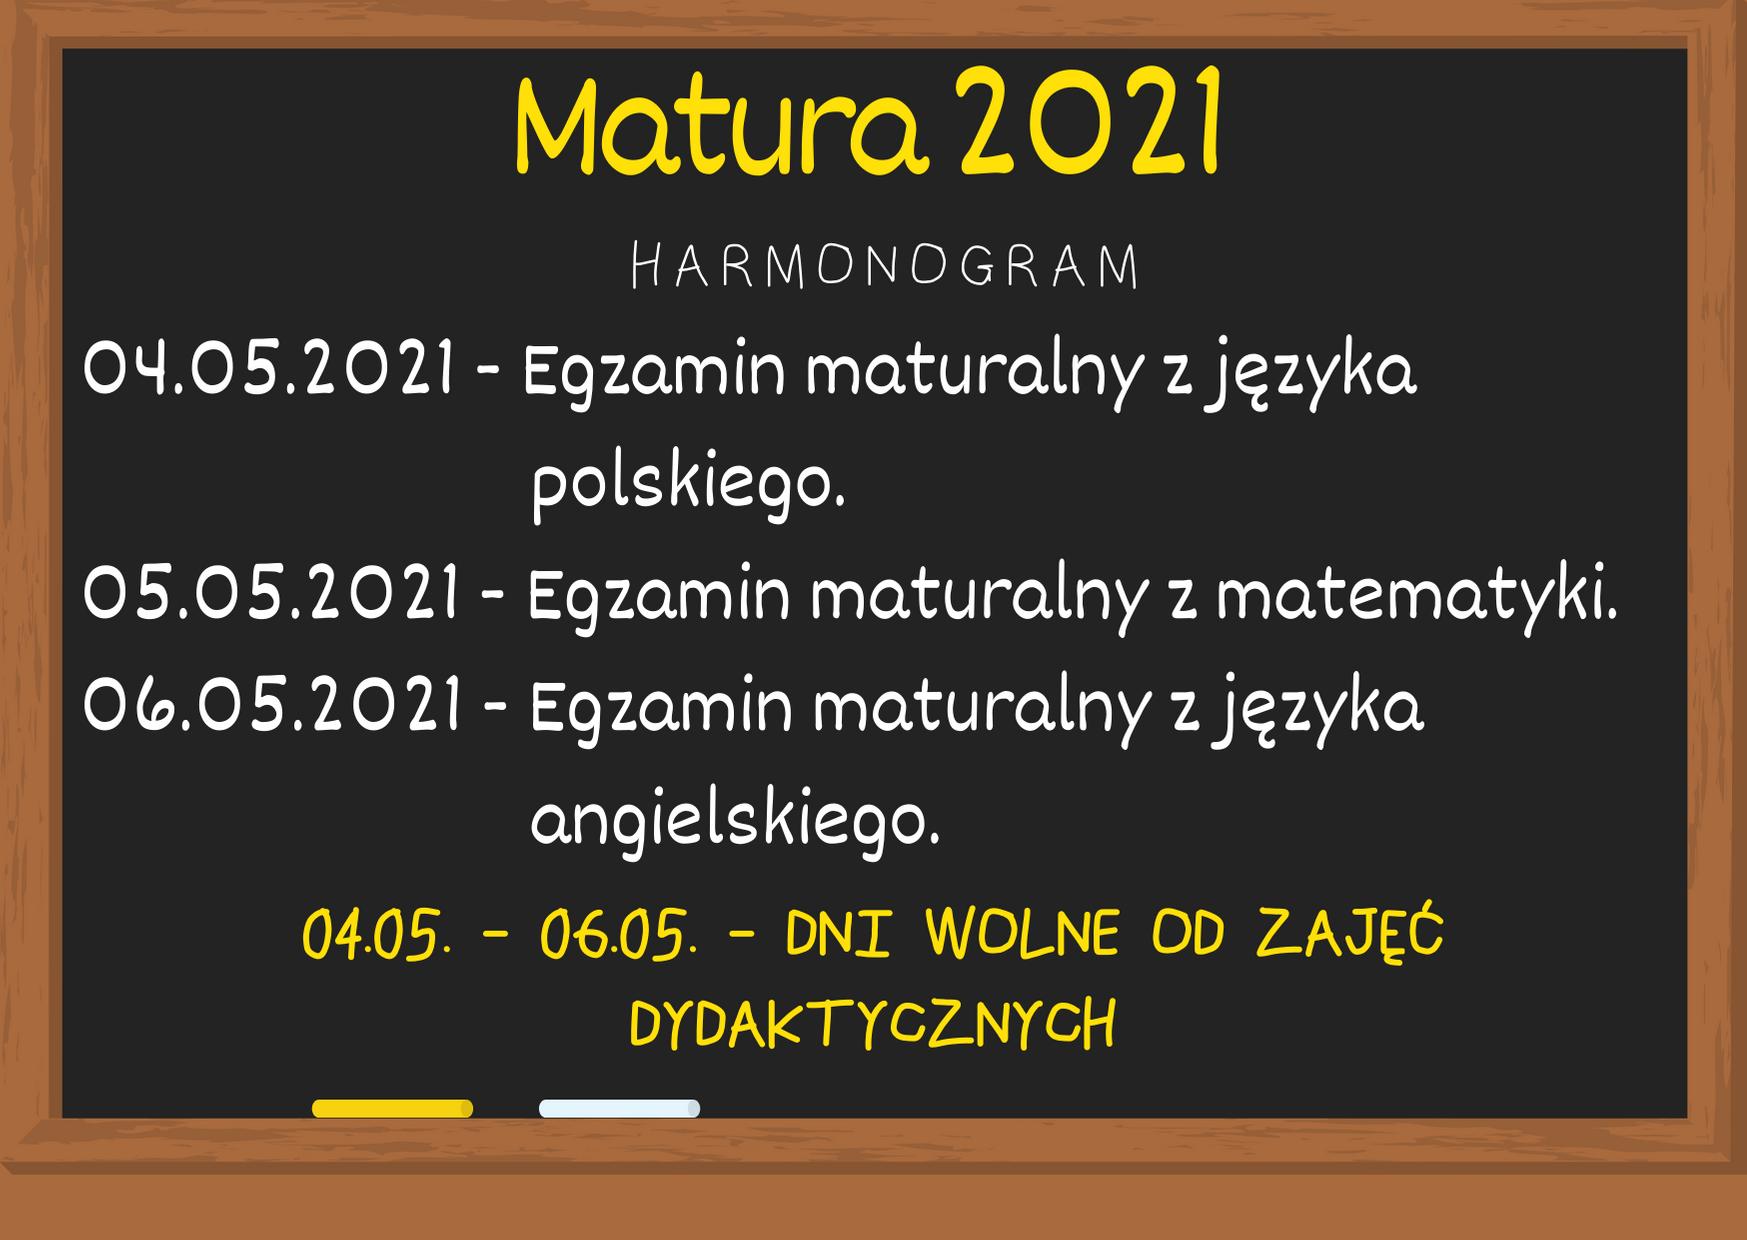 Matura 2021. Harmonogram